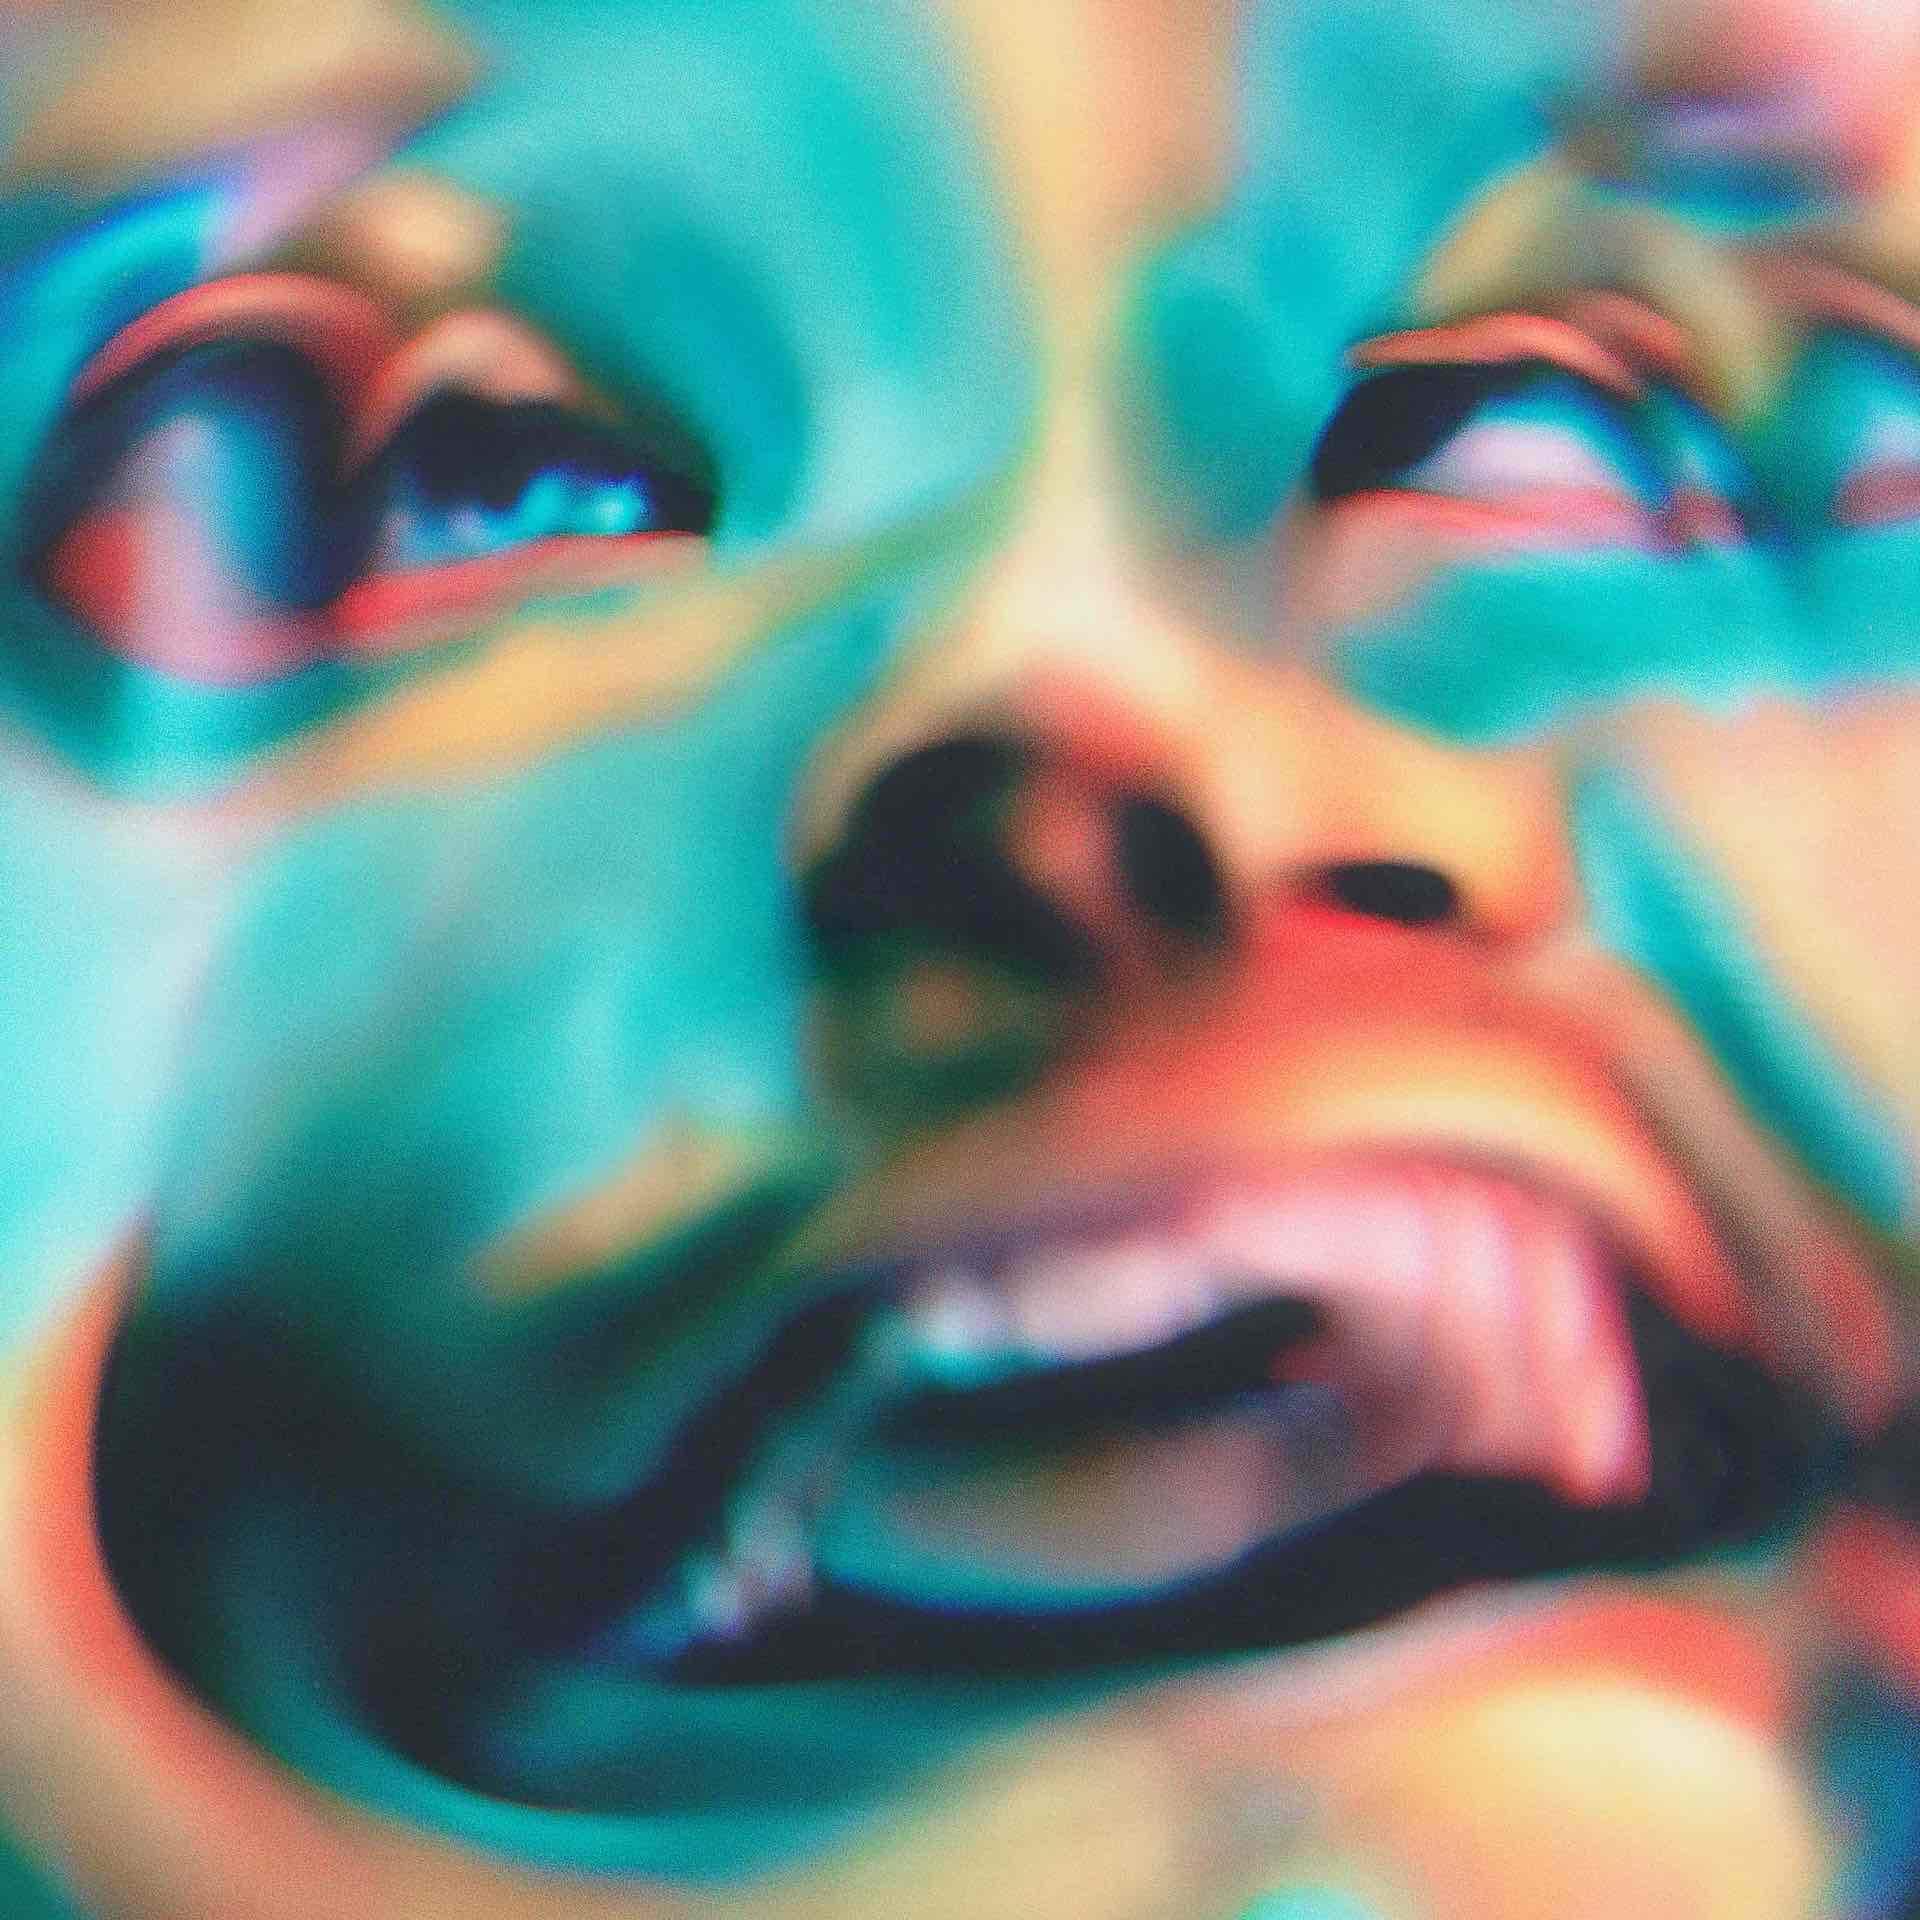 Tempalayのニューシングル『あびばのんのん』が発売決定!『サ道2021』エンディングテーマとして話題 music210716_tempalay_cd_8